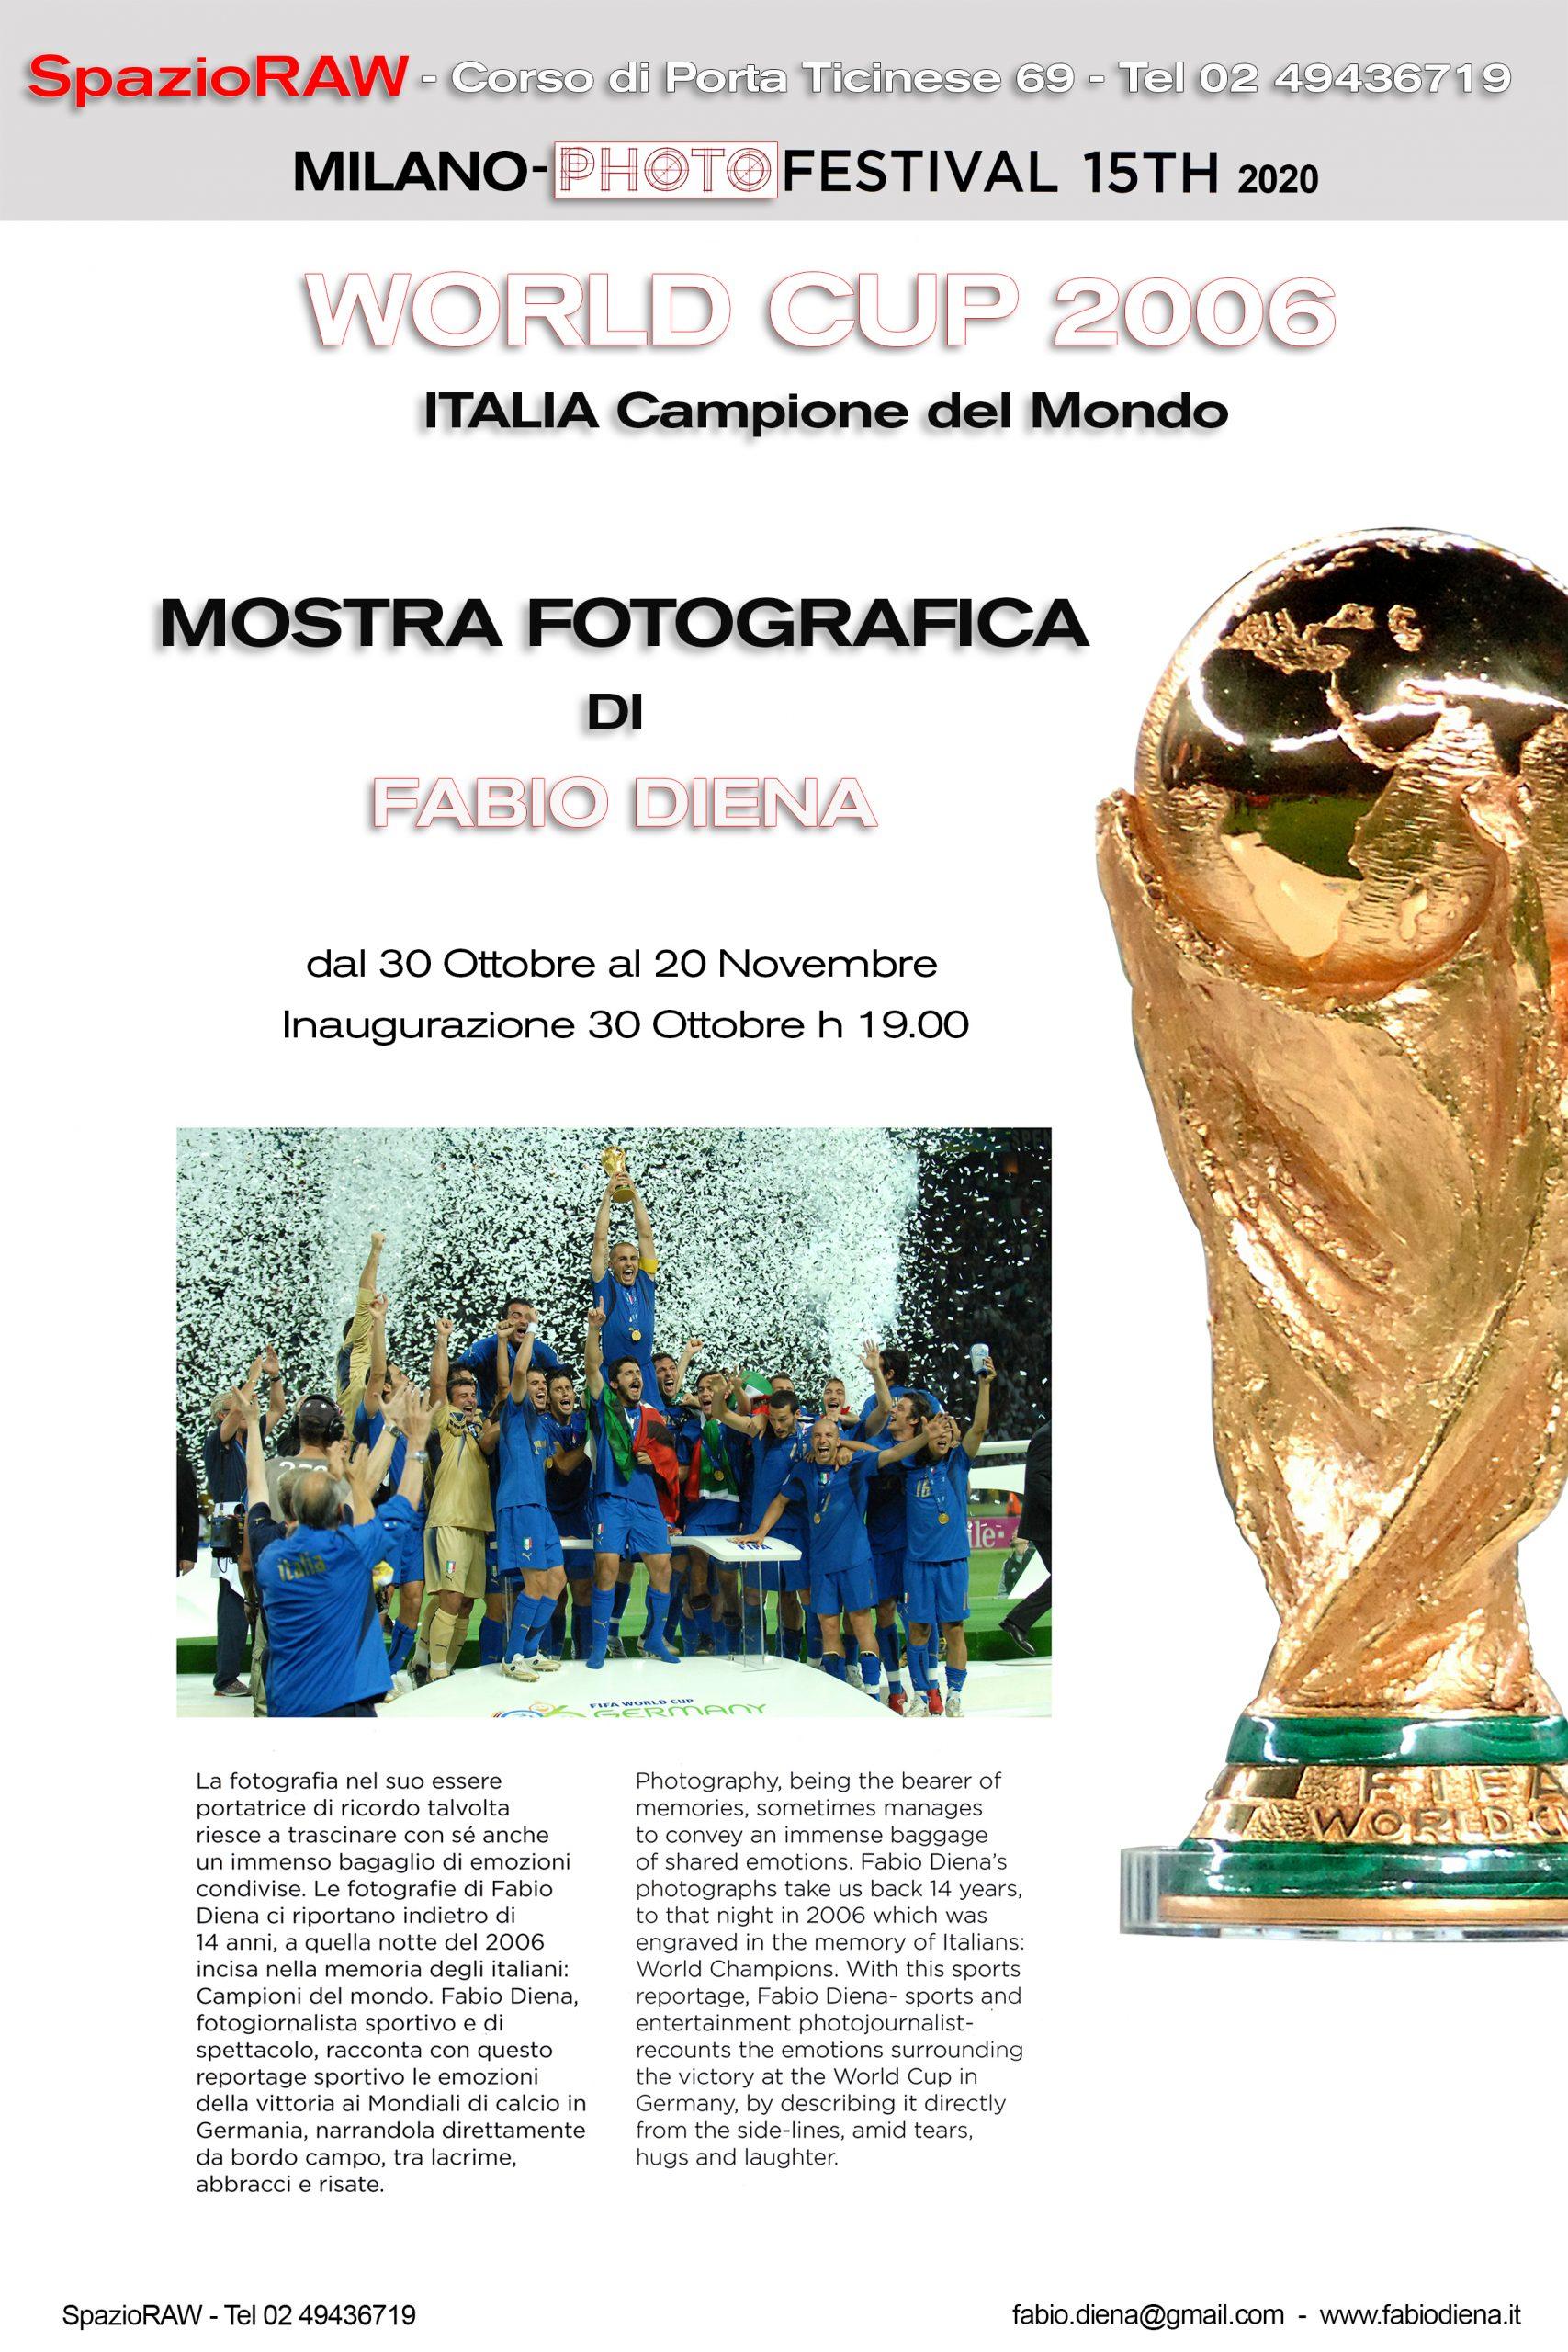 Fabio Diena _ Mondiali di Calcio 2006a